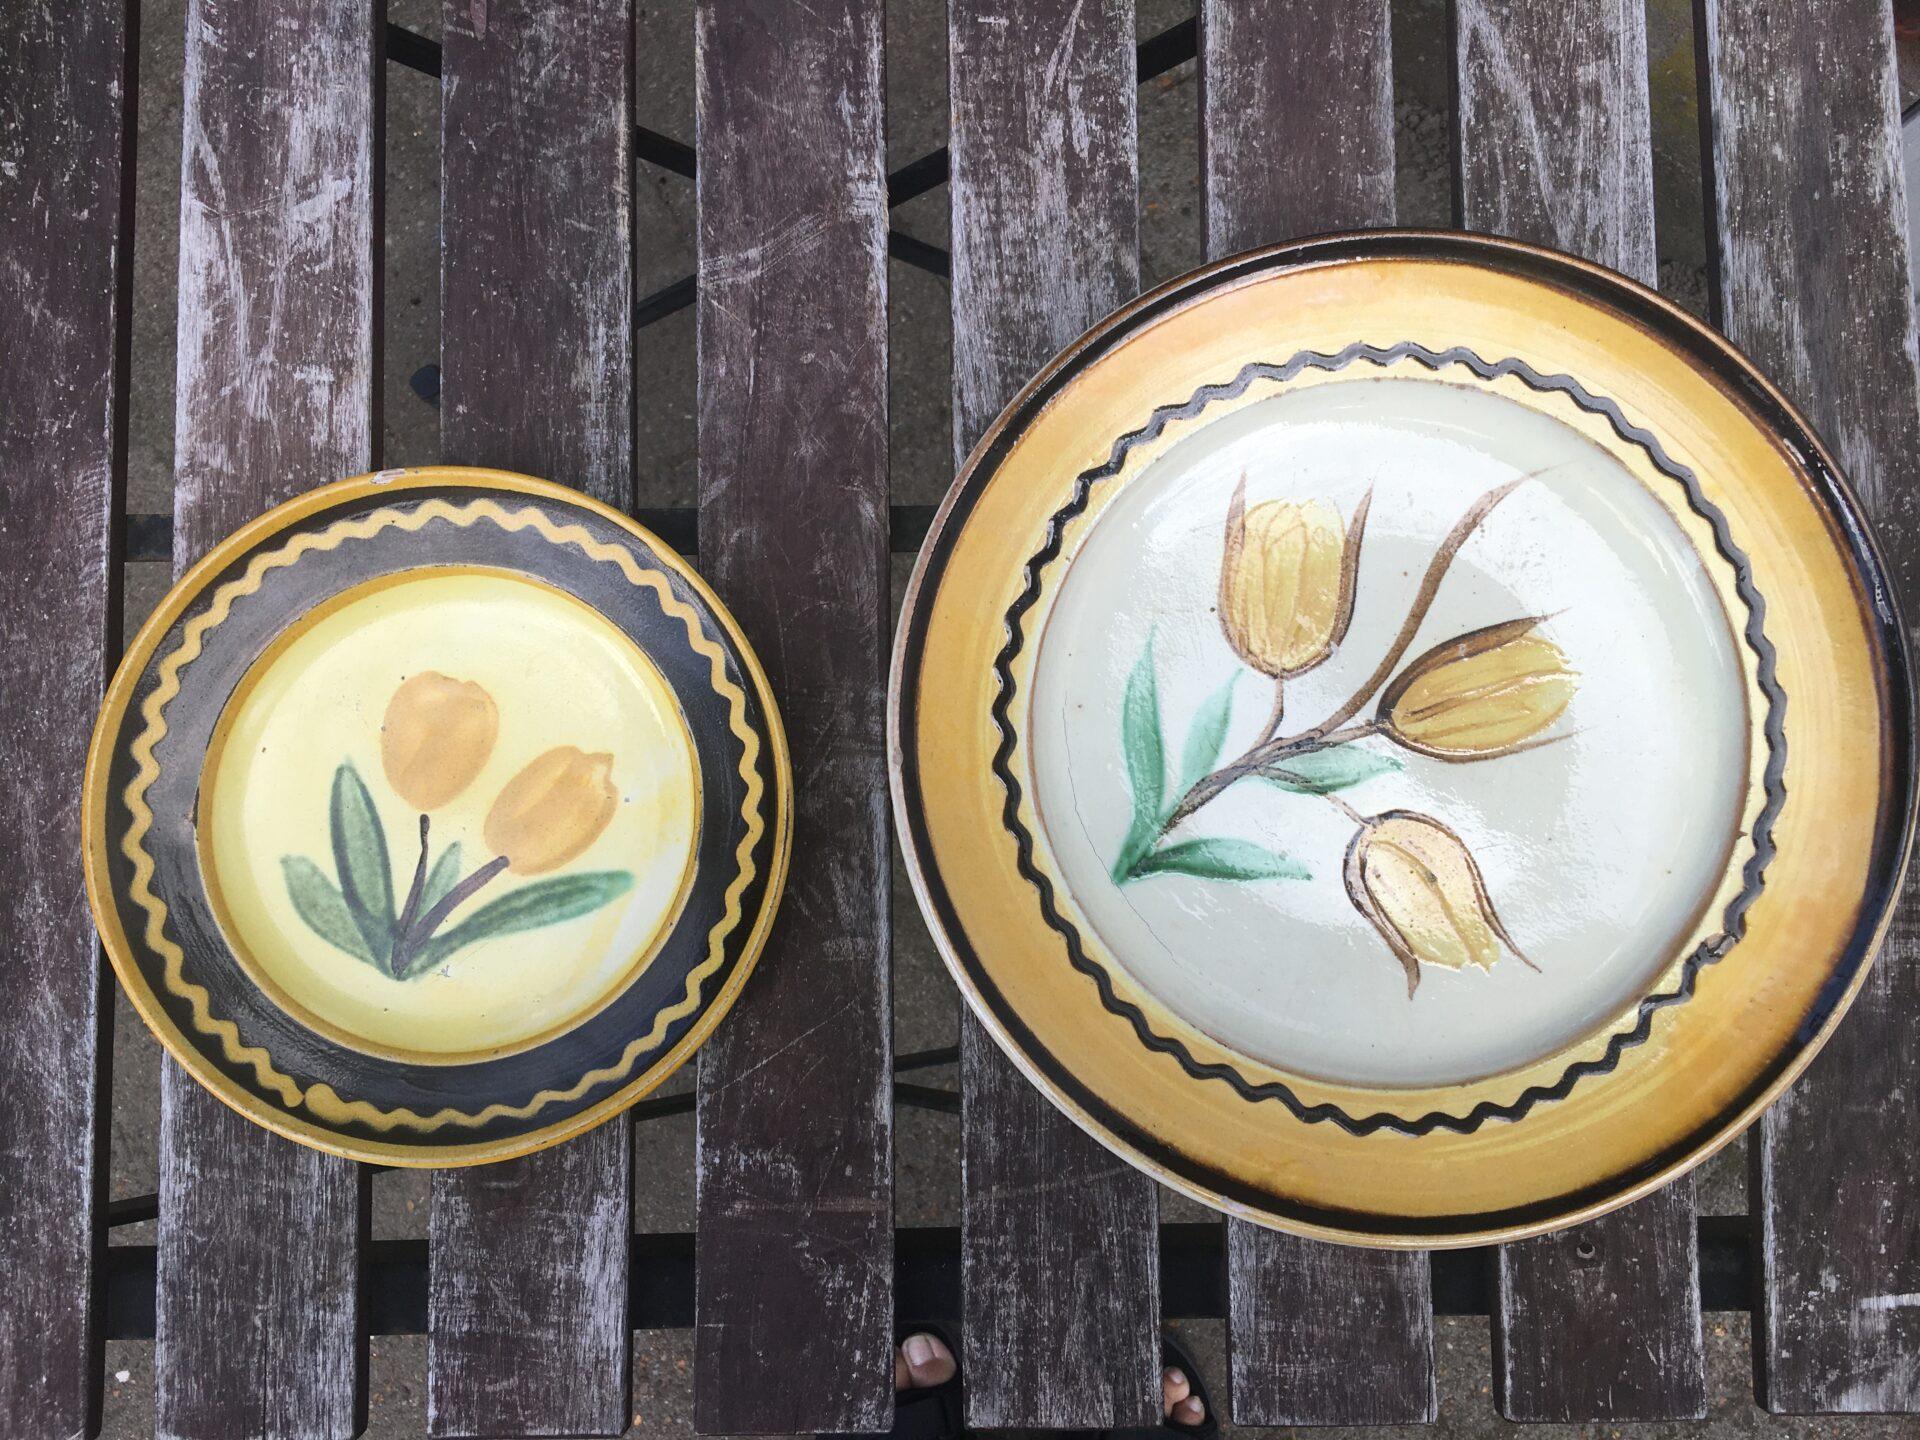 Dansk lertøj, antageligt 1800-talet, d=20/30 cm, pris 200/400krr